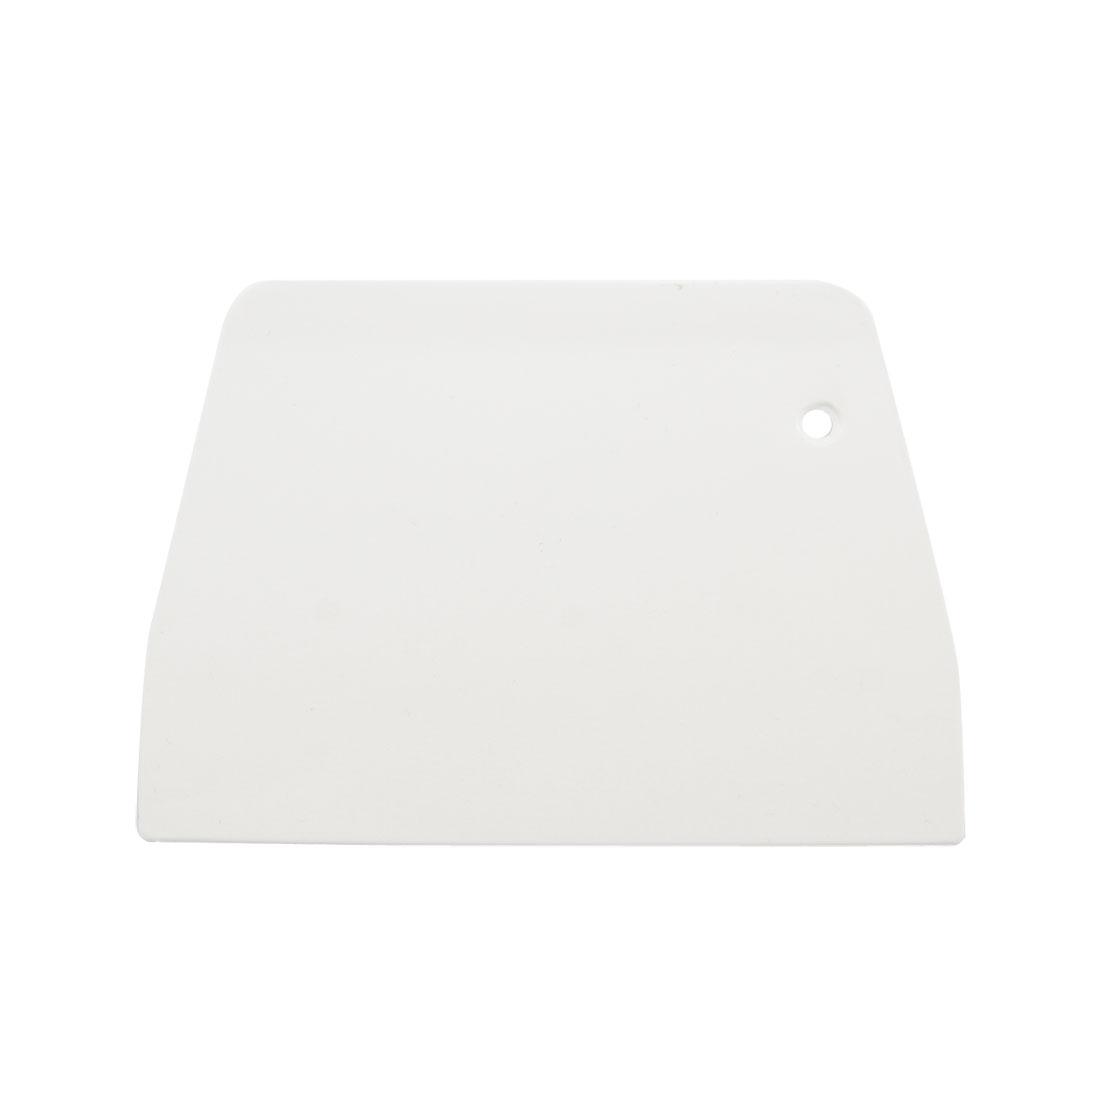 Plastic Trapezoidal Cake Decoration Butter Scraper Cutter 13.3 x 9.5 x 0.3cm